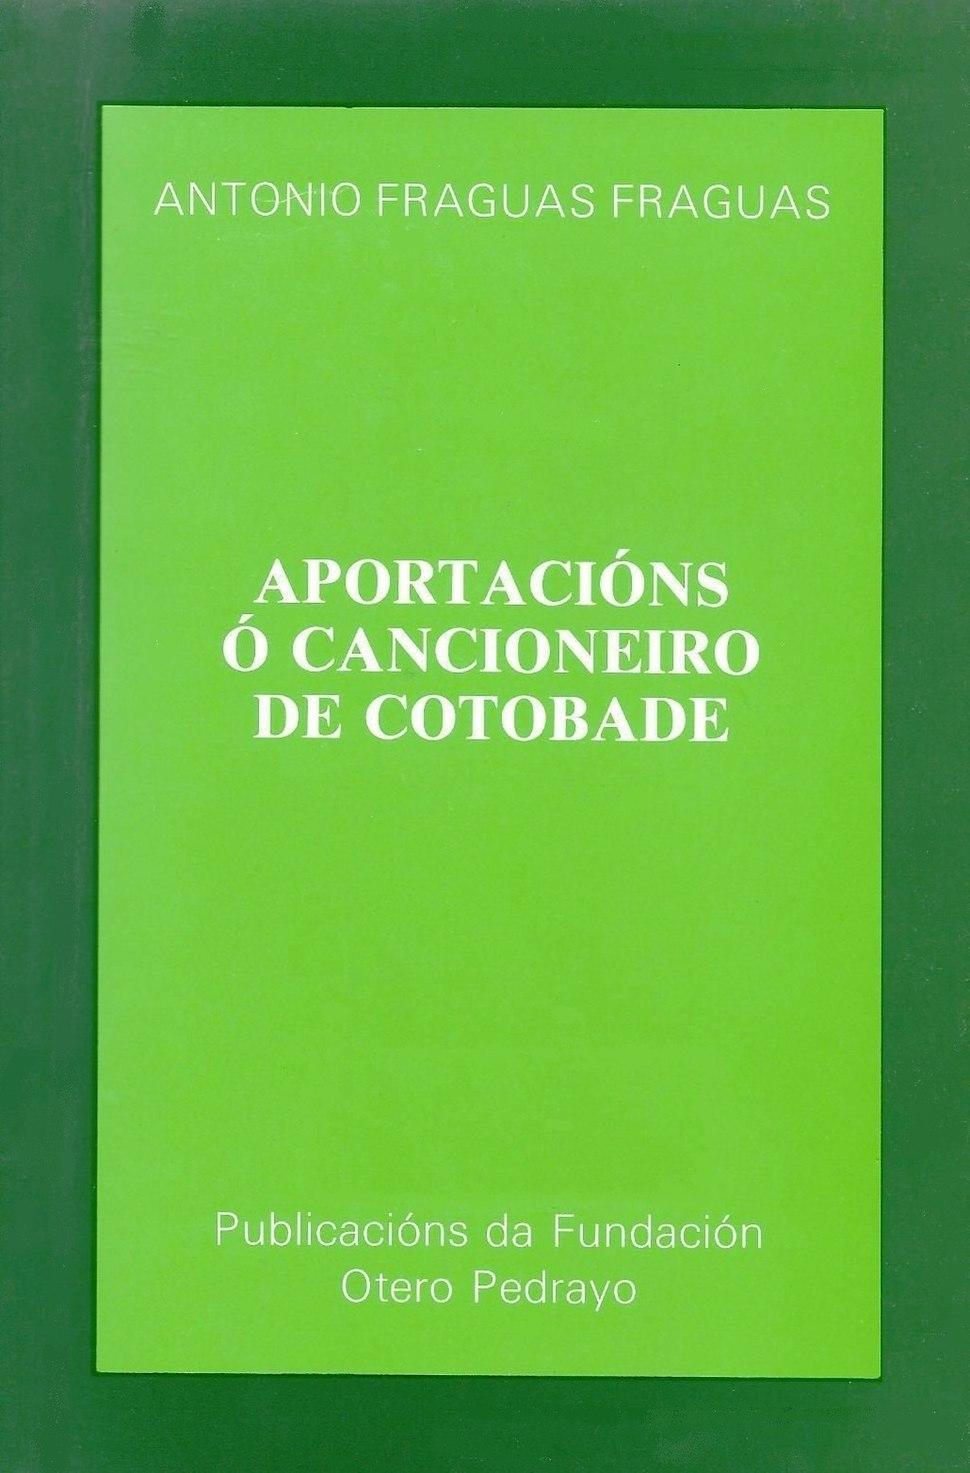 Aportacións ó cancioneiro de Cotobade, 1985, Fundación Otero Pedrayo